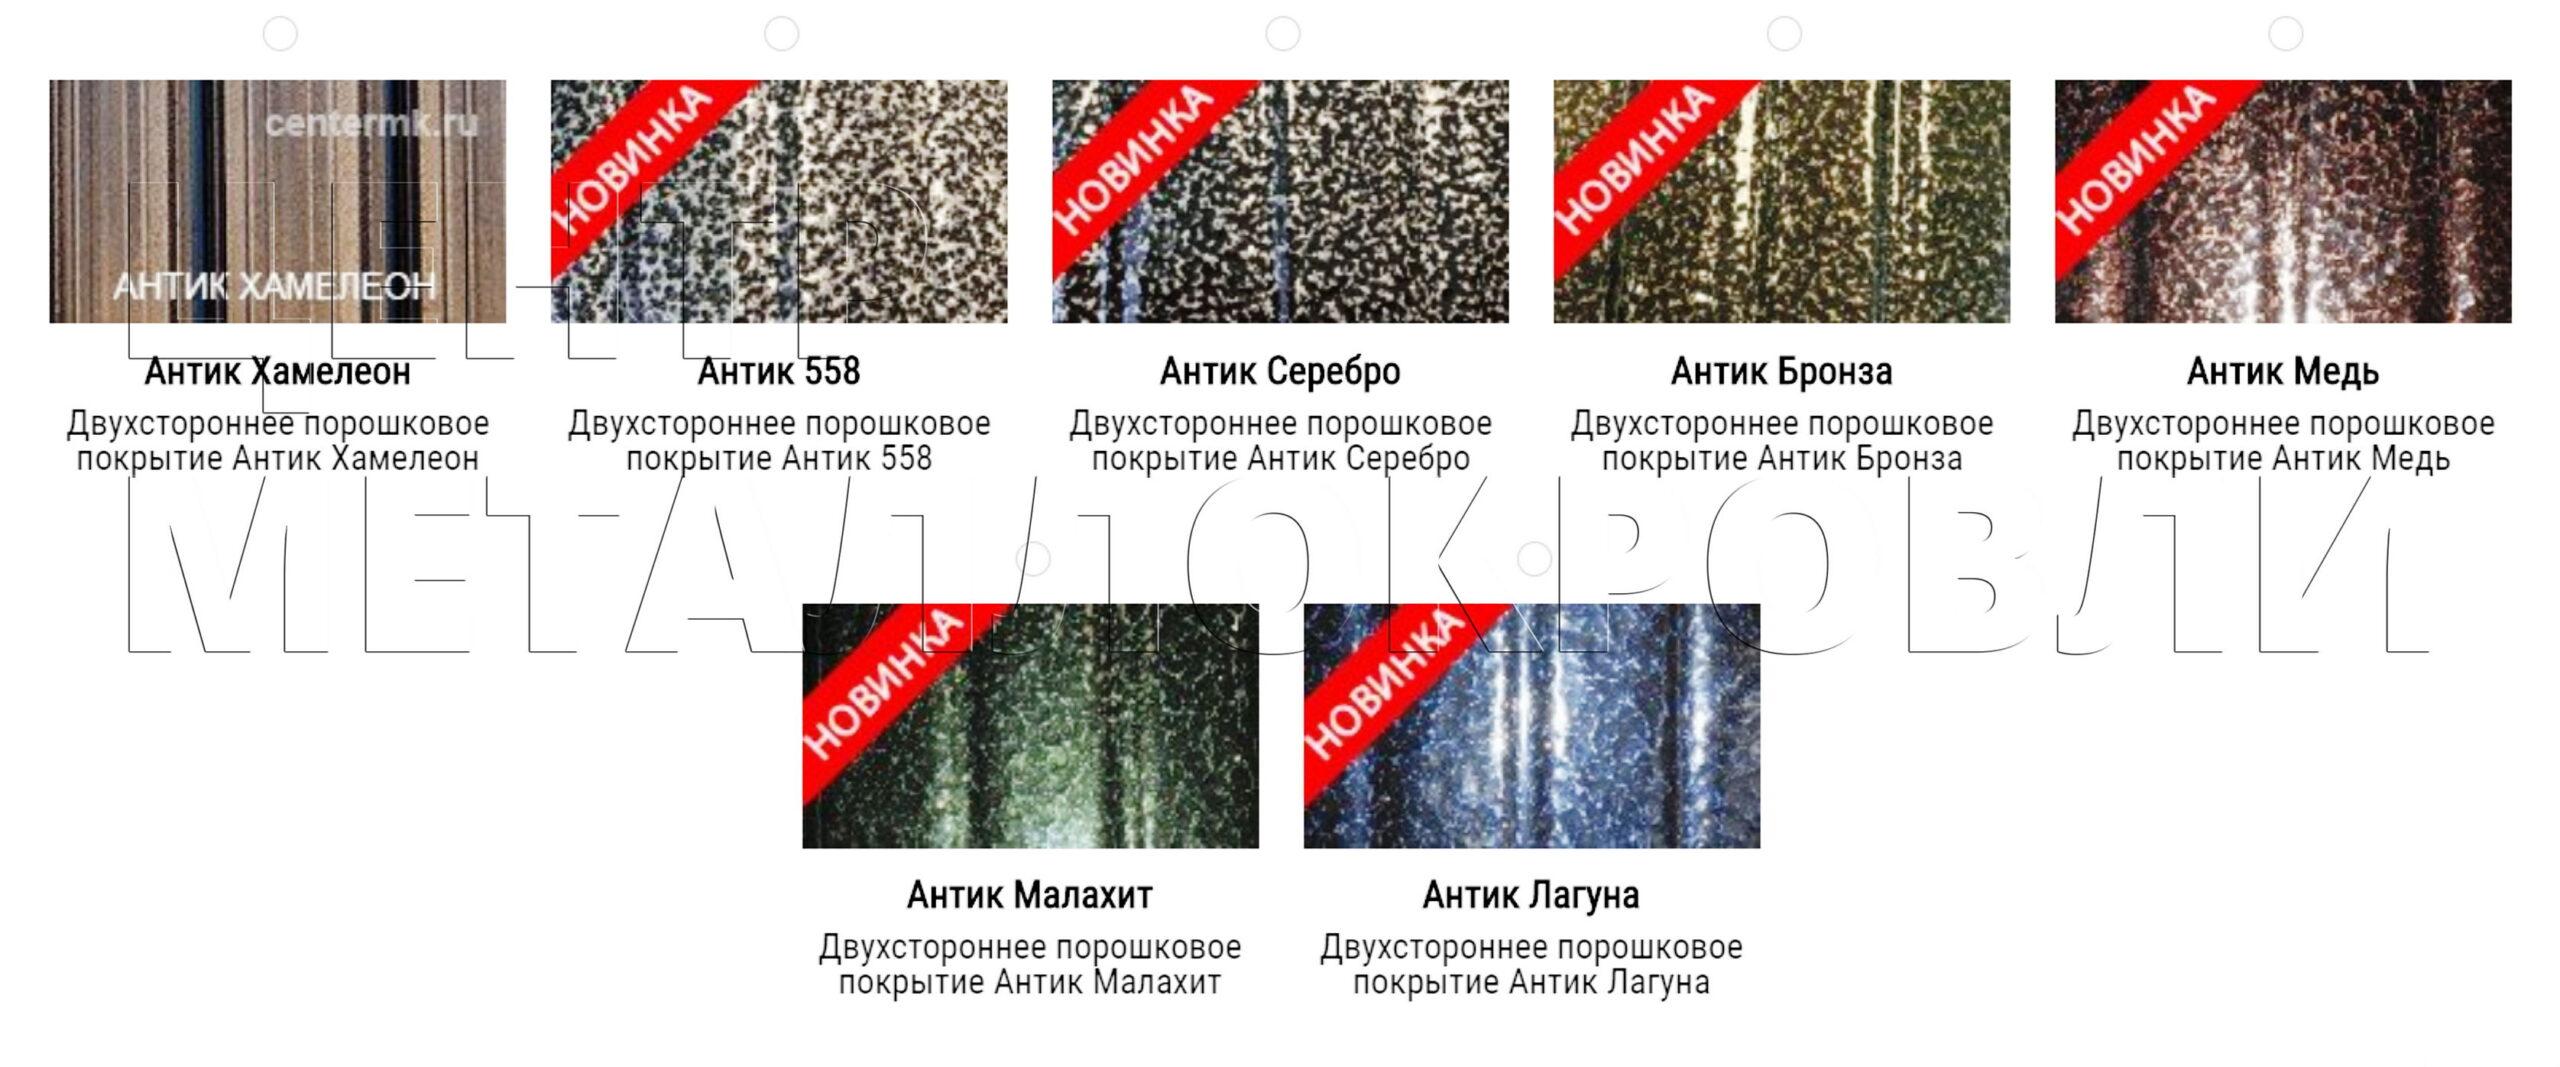 Еврожалюзи Евроштакетник покрытие одностороннее двустороннее полиэфирная эмаль грунт в цвет - 5-1